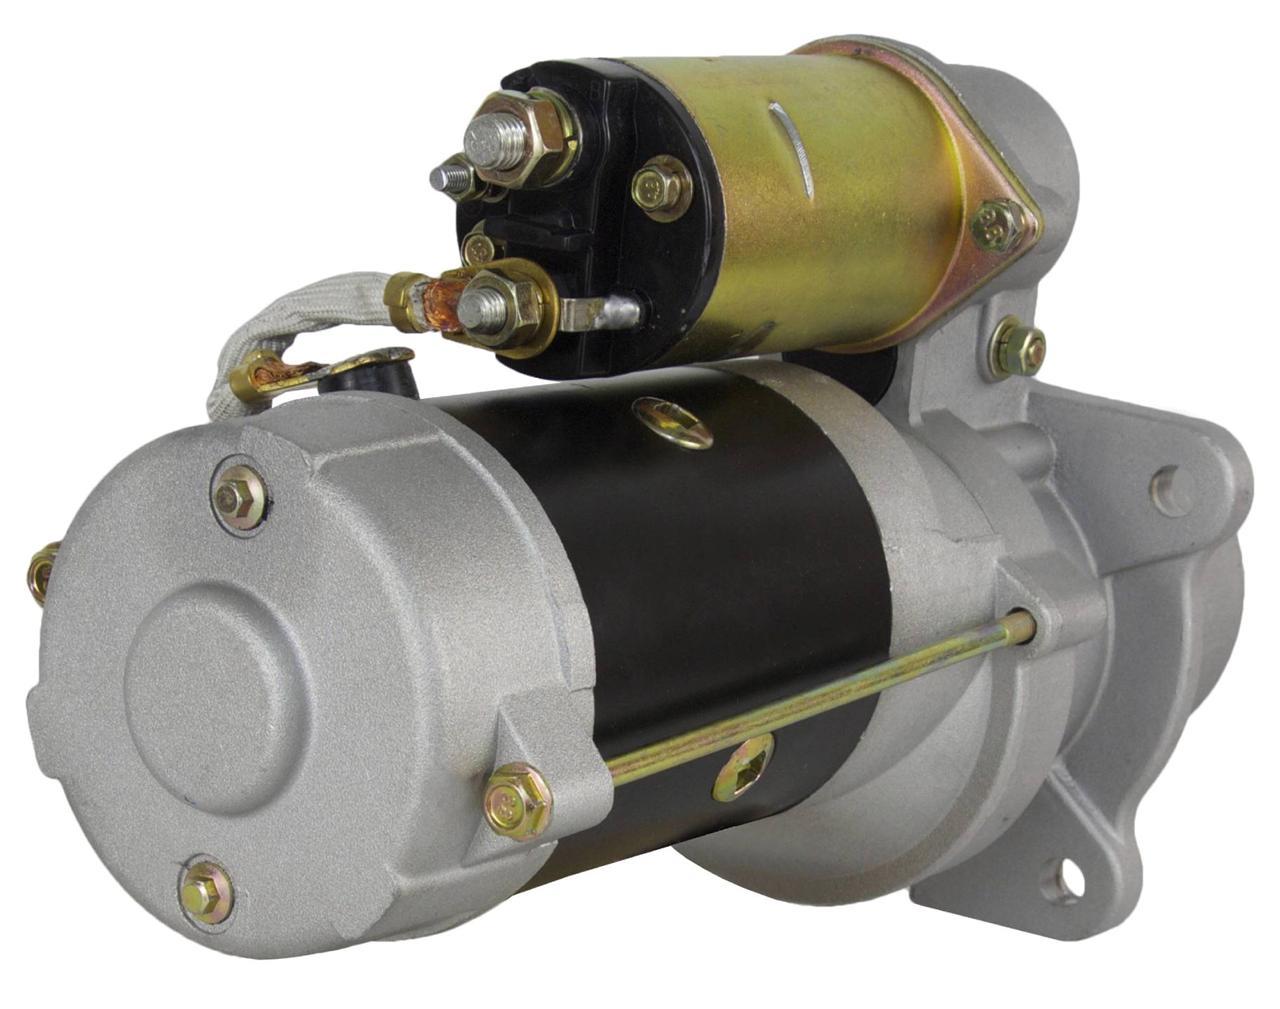 Massey Ferguson 135 Starter : New starter motor massey ferguson loader mf